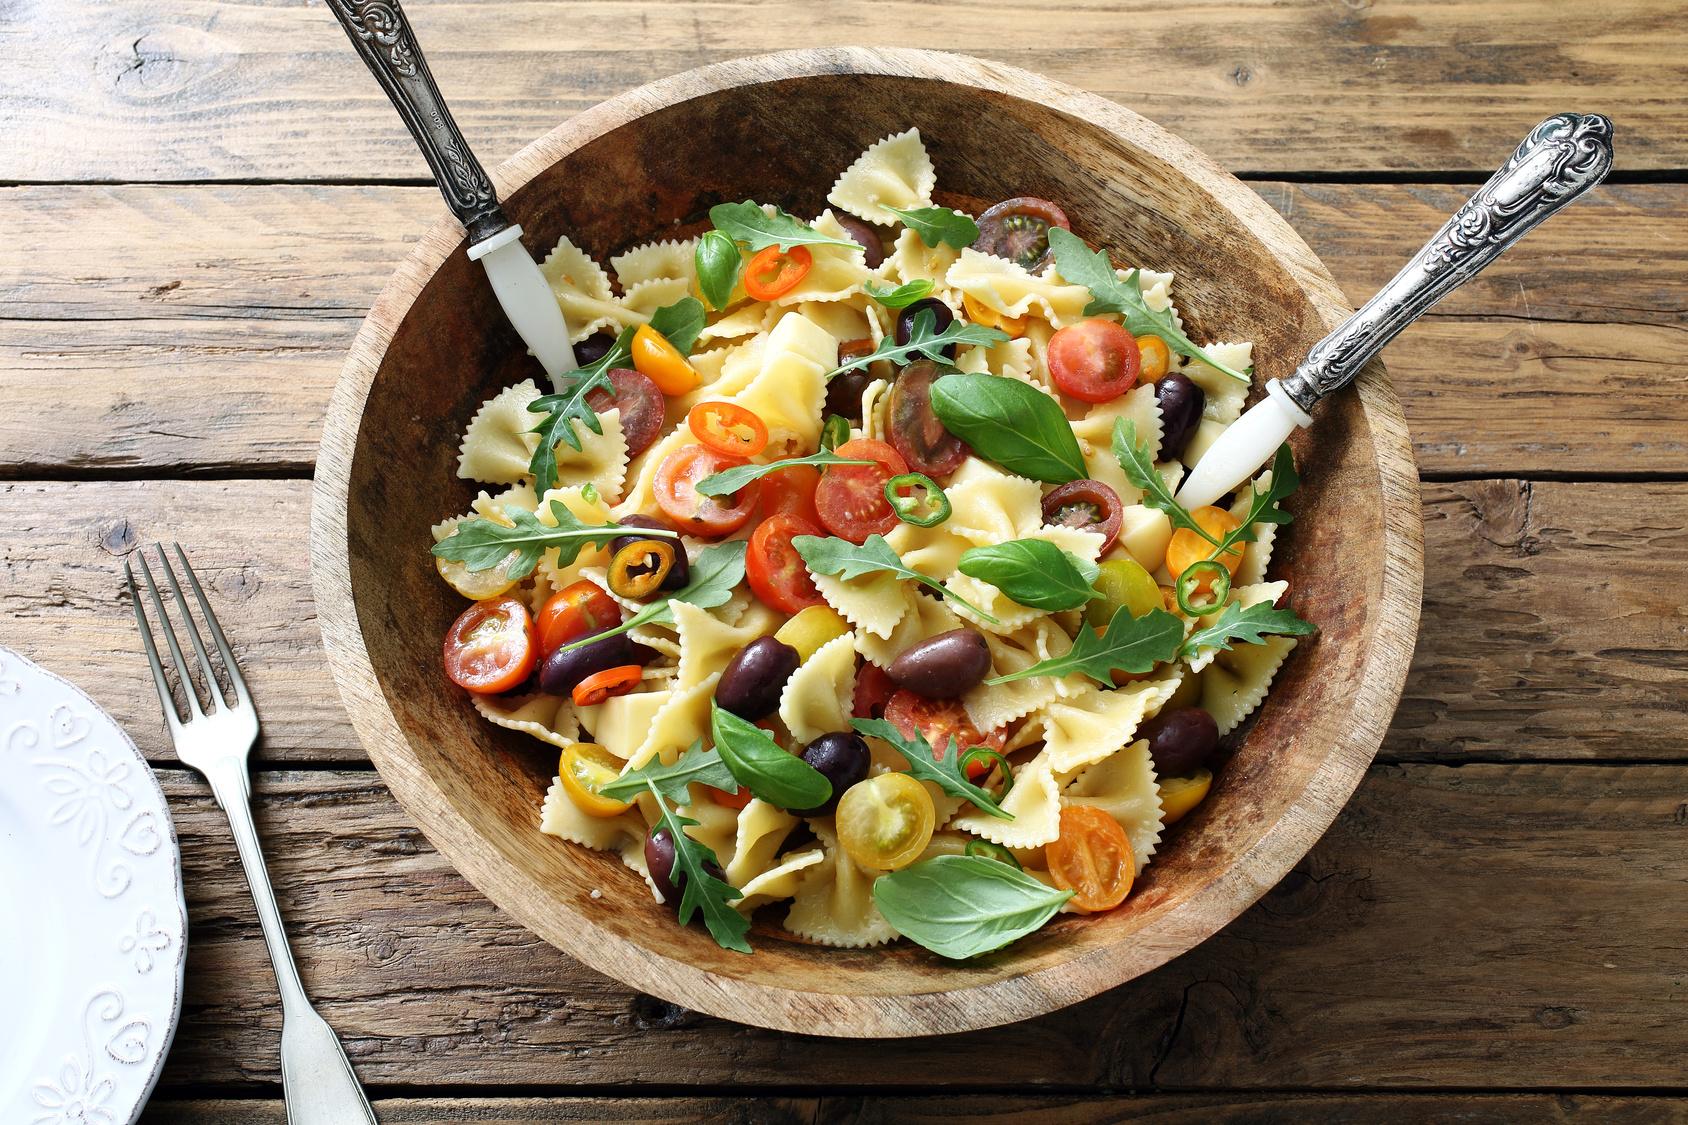 PastaMeal-bowties-tomatoes-olives-basil-Fotolia_109899492.jpg